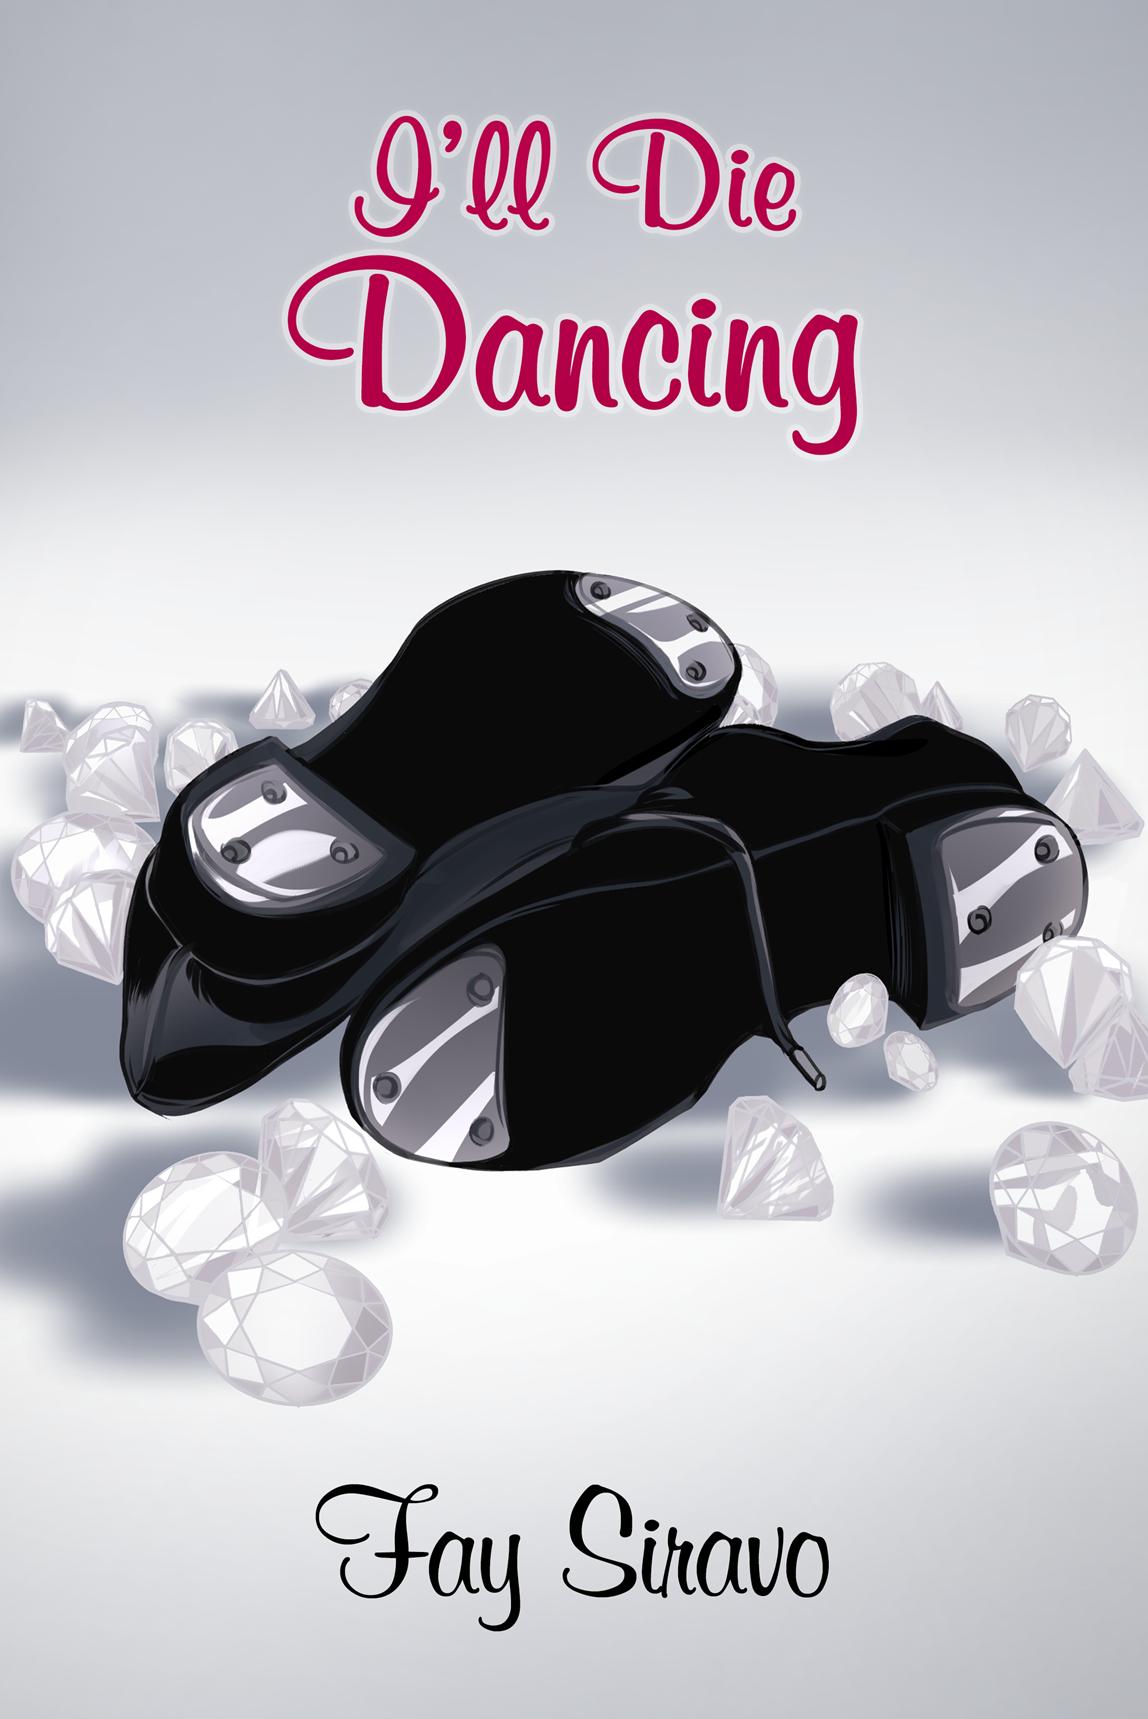 Cover work for Dorrance Publishing